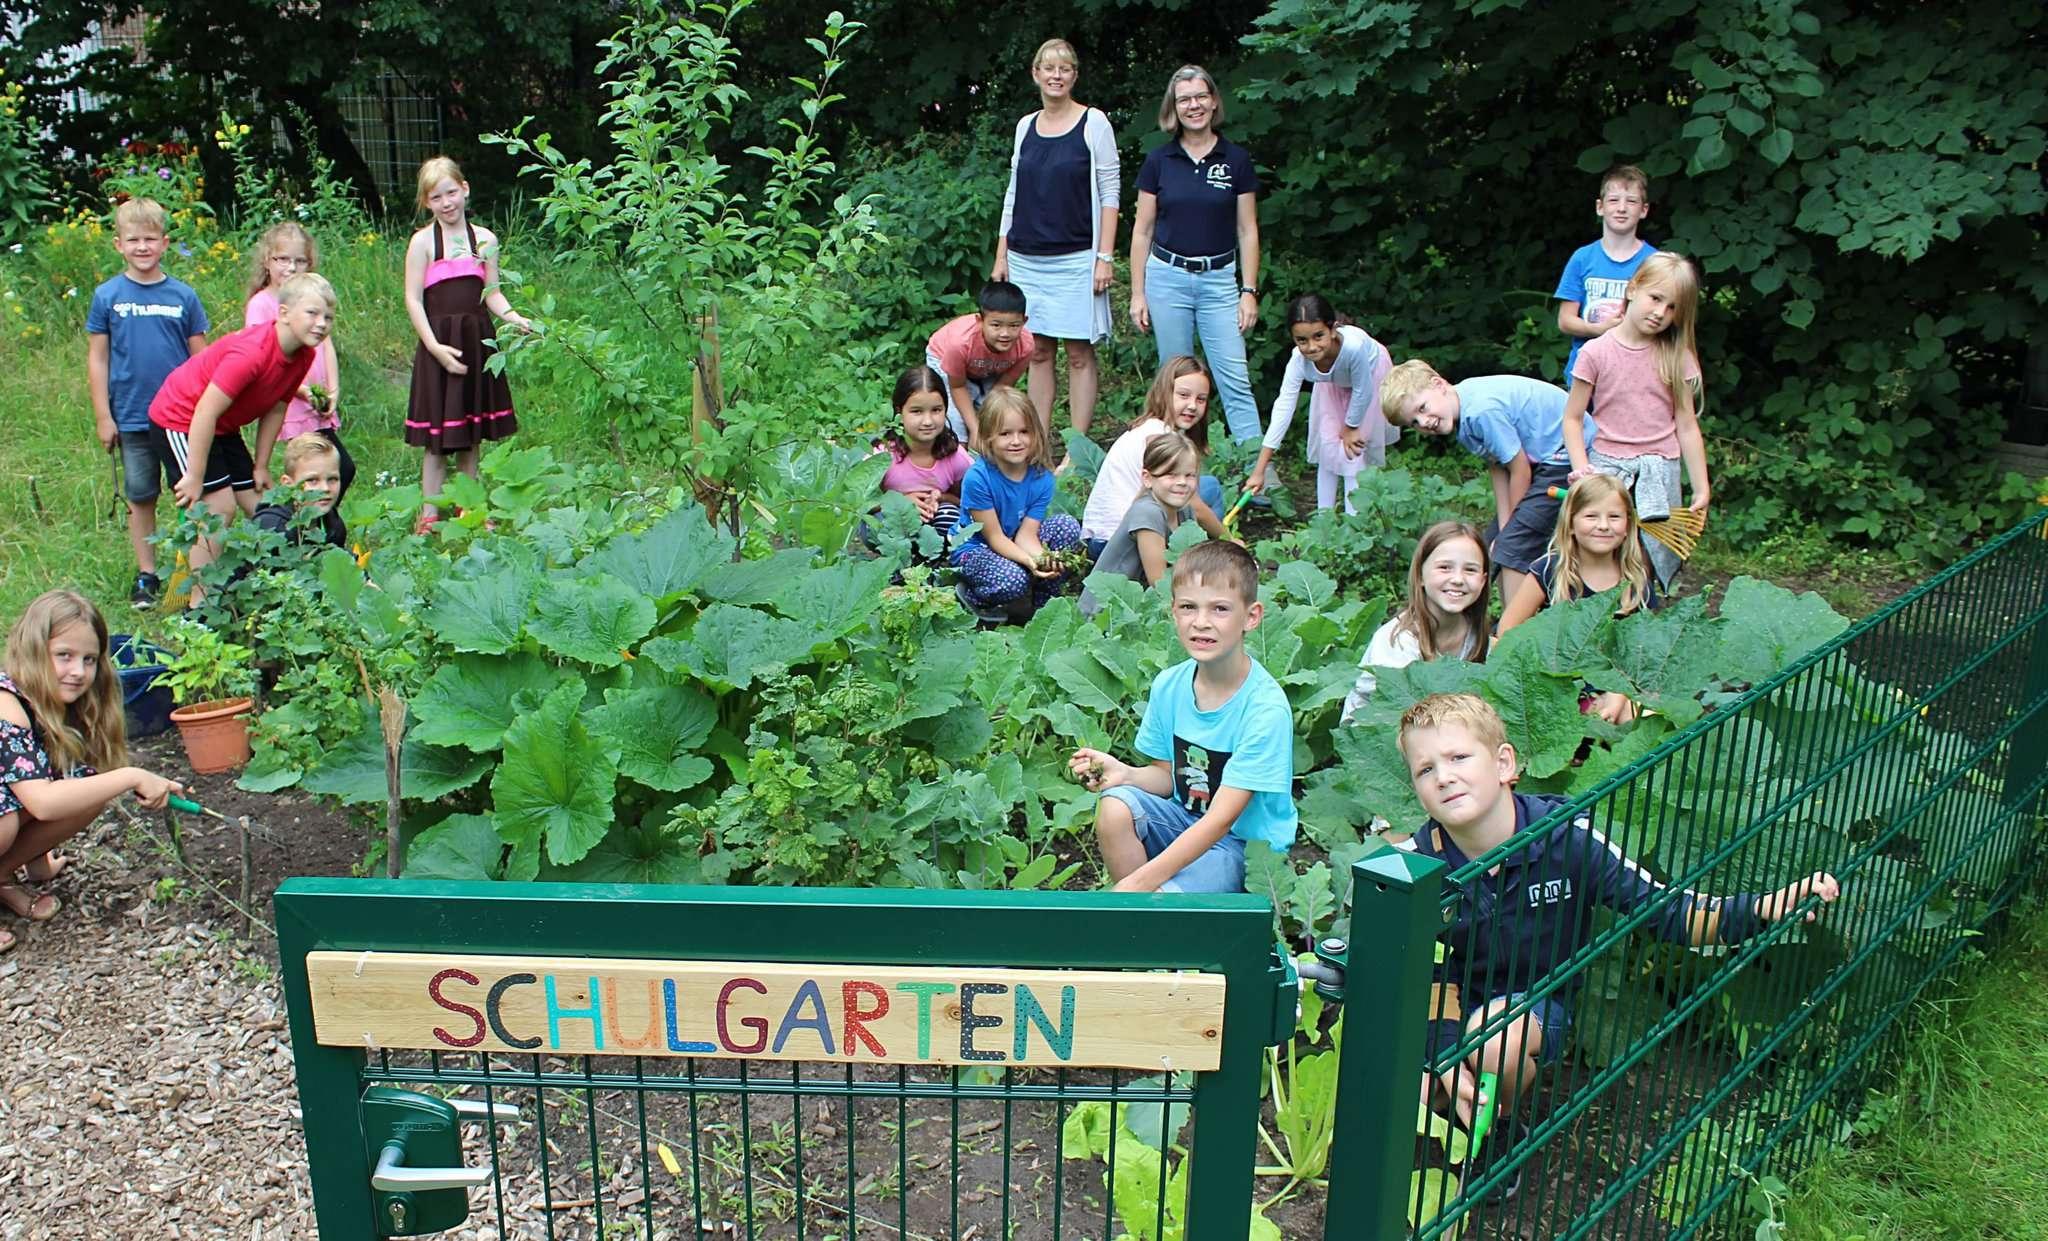 Die Kinder der Klasse 1b sind regelmäßig im Garten und helfen fleißig mit, damit alles wächst.  Foto: Ann-Christin Beims